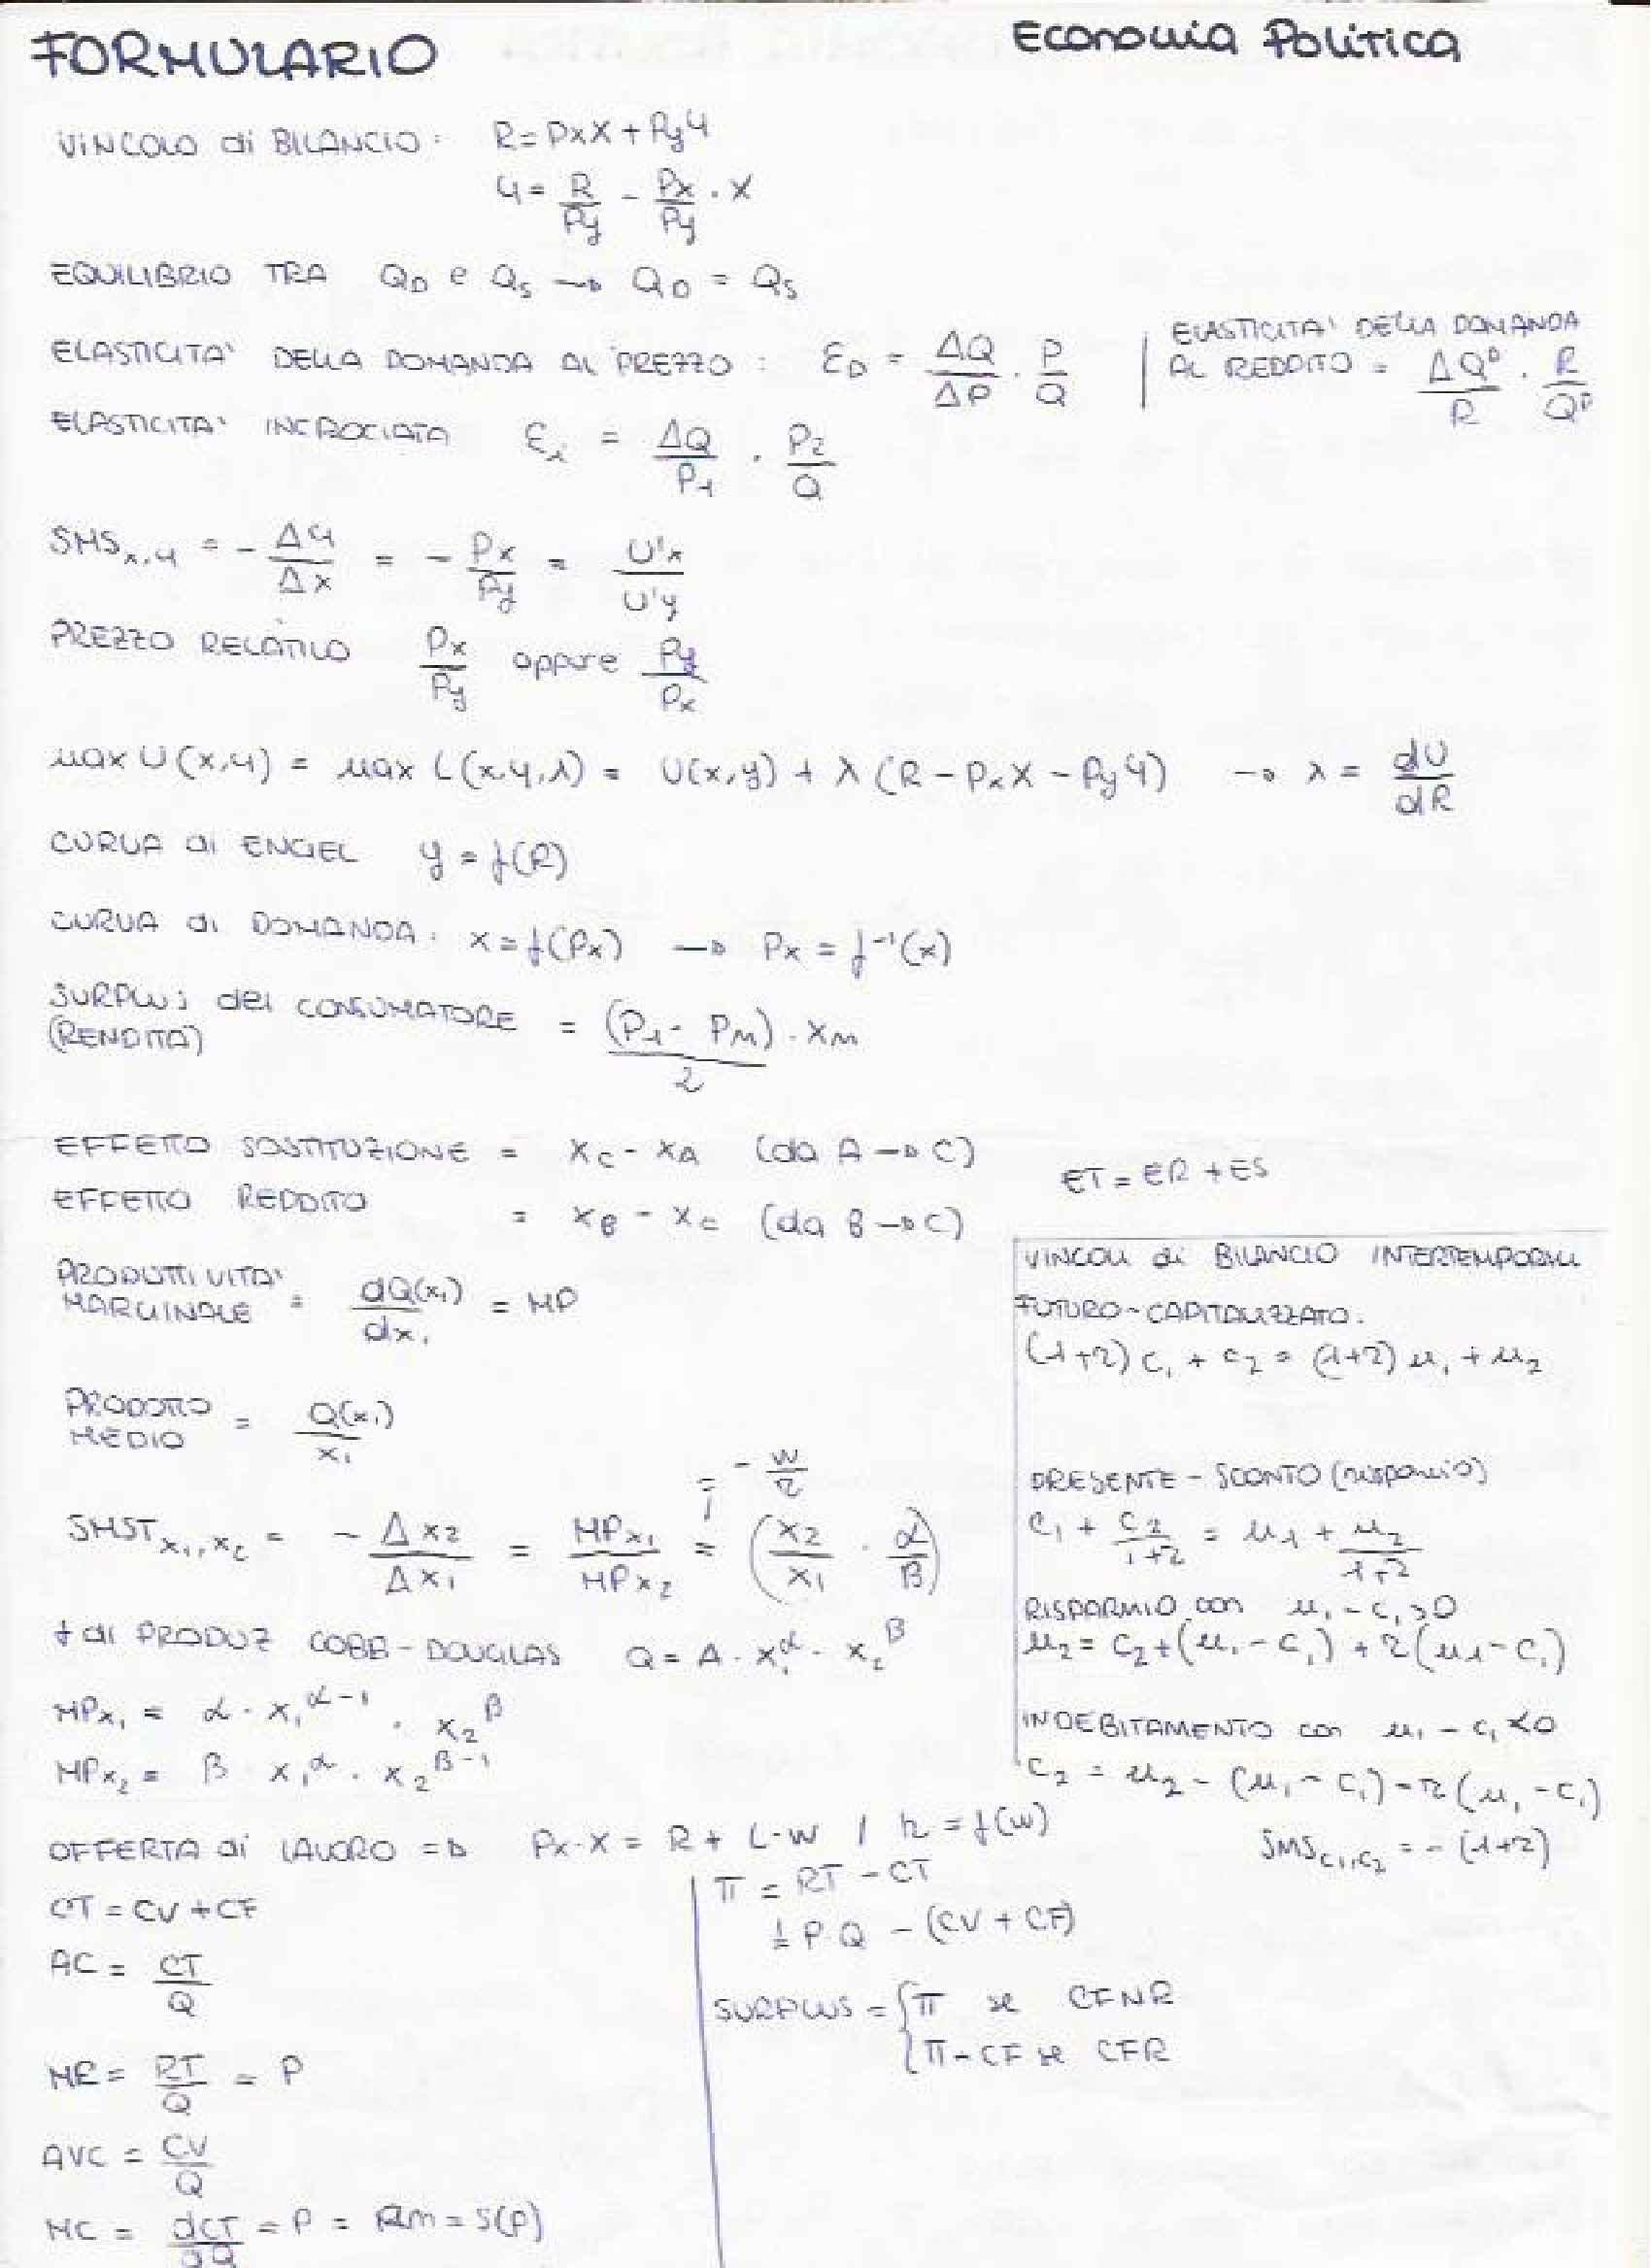 Economia Politica - Formulario e definizioni